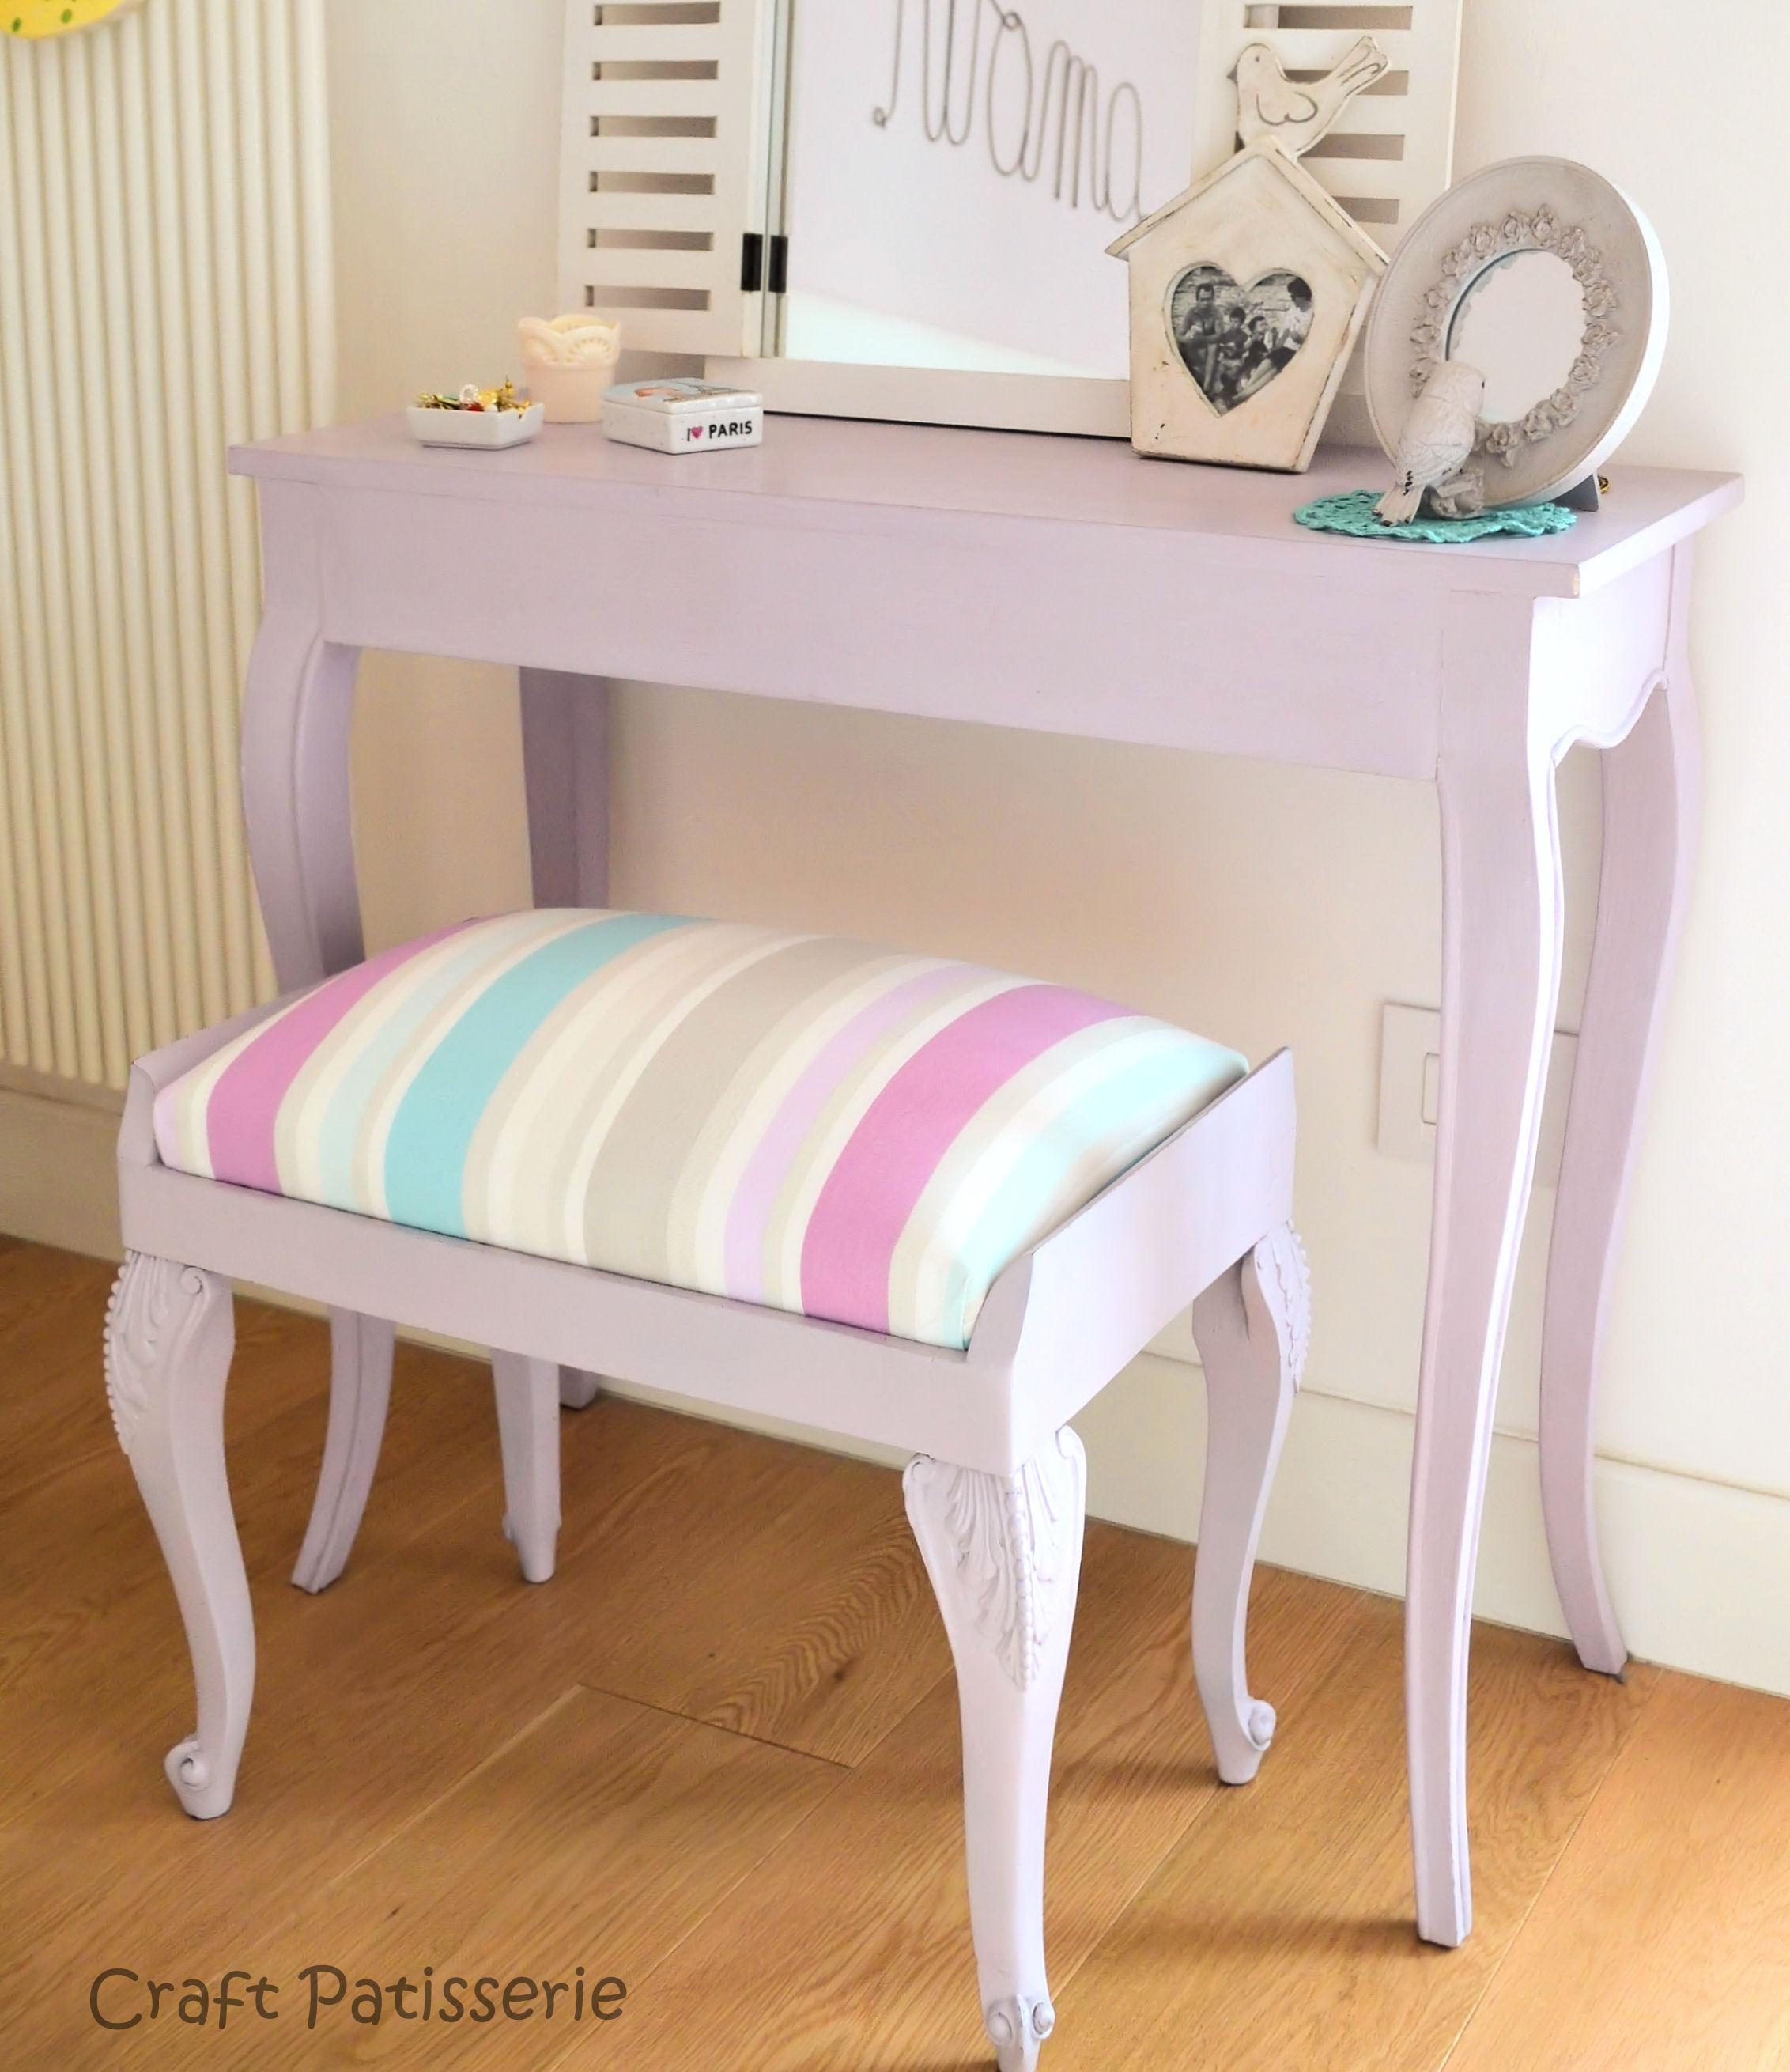 Ikea idee camere da letto : ikea idee camera da letto. ikea idee ...